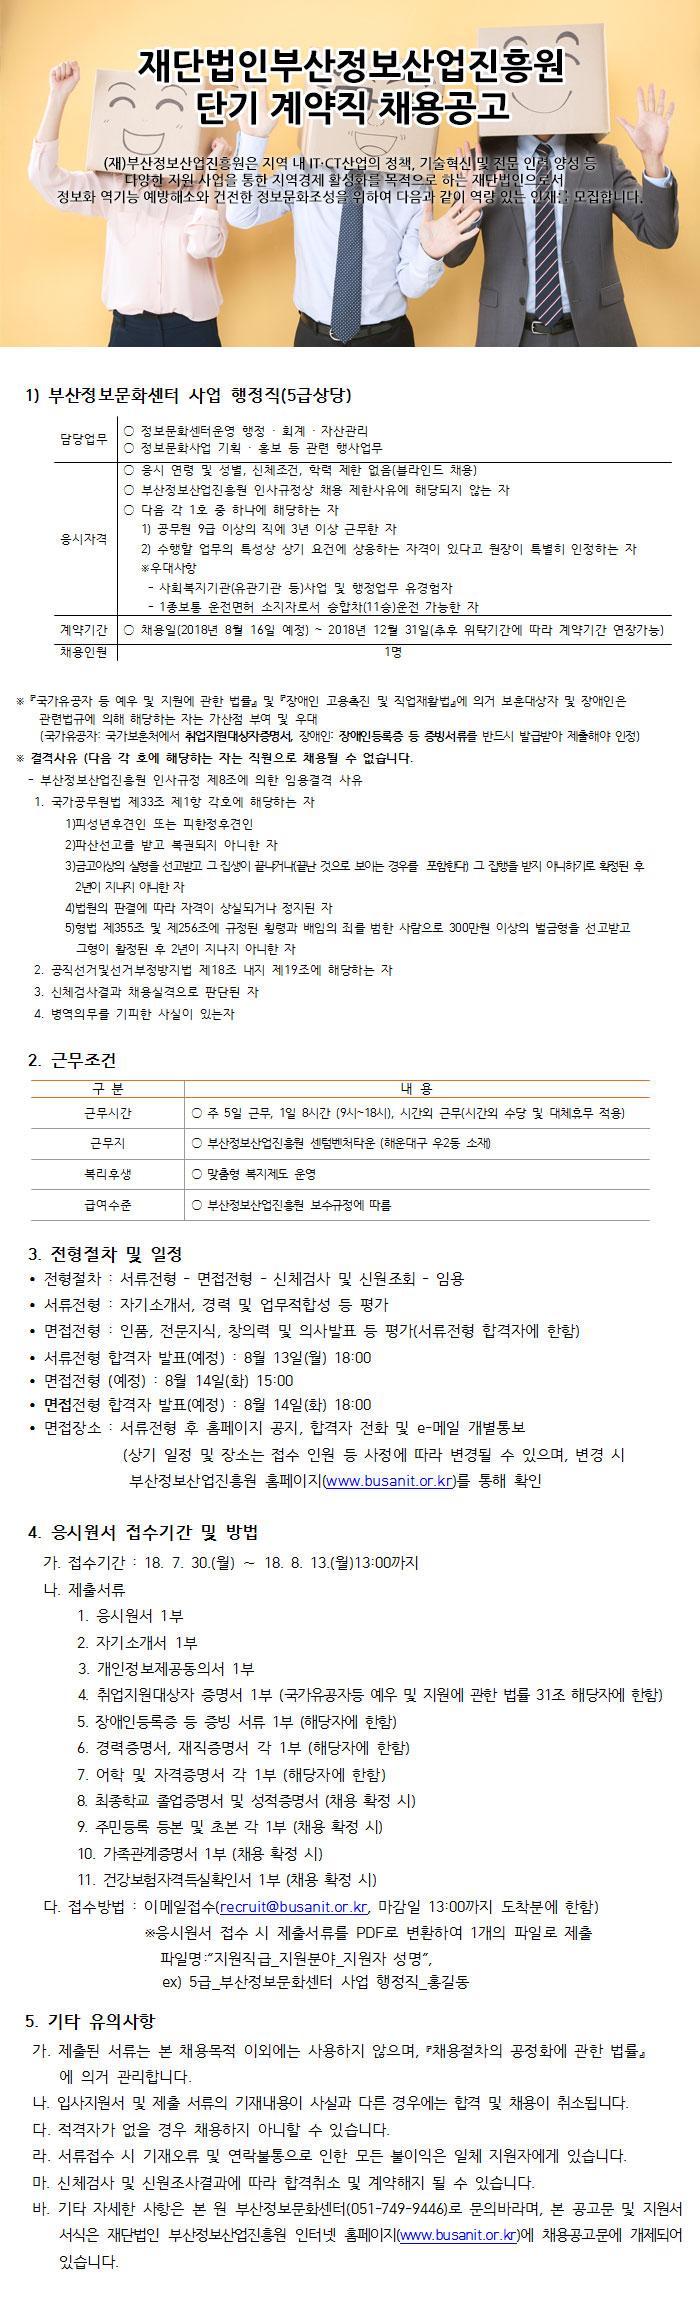 재단법인부산정보산업진흥원 단기 계약직 채용공고